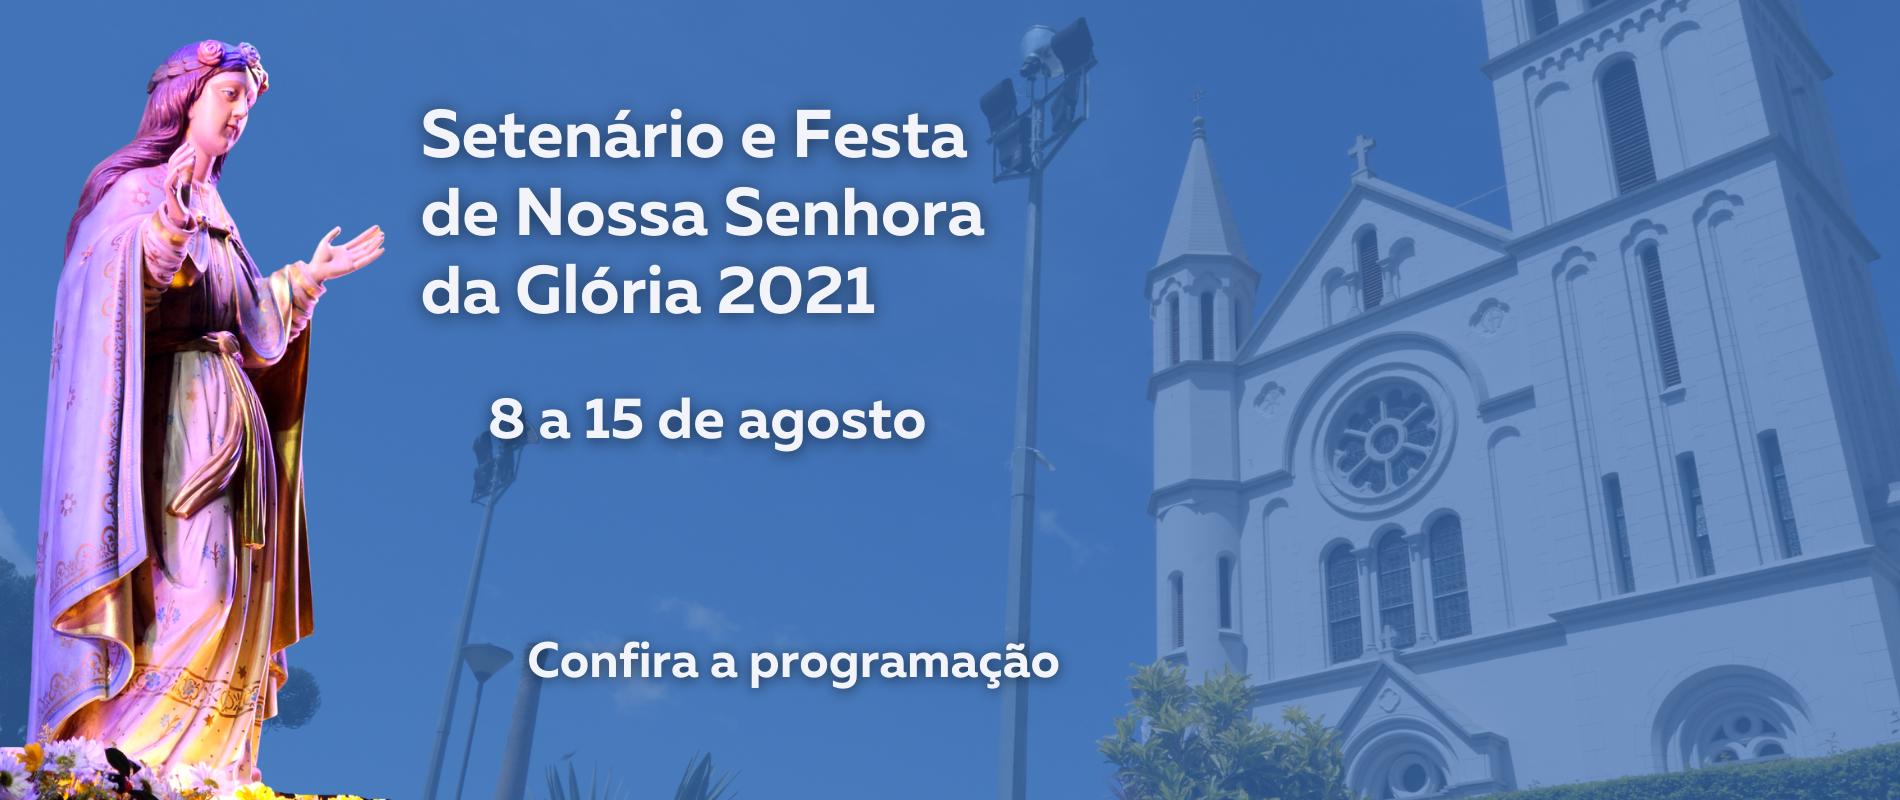 Setenário e Festa de Nossa Senhora da Glória 2021